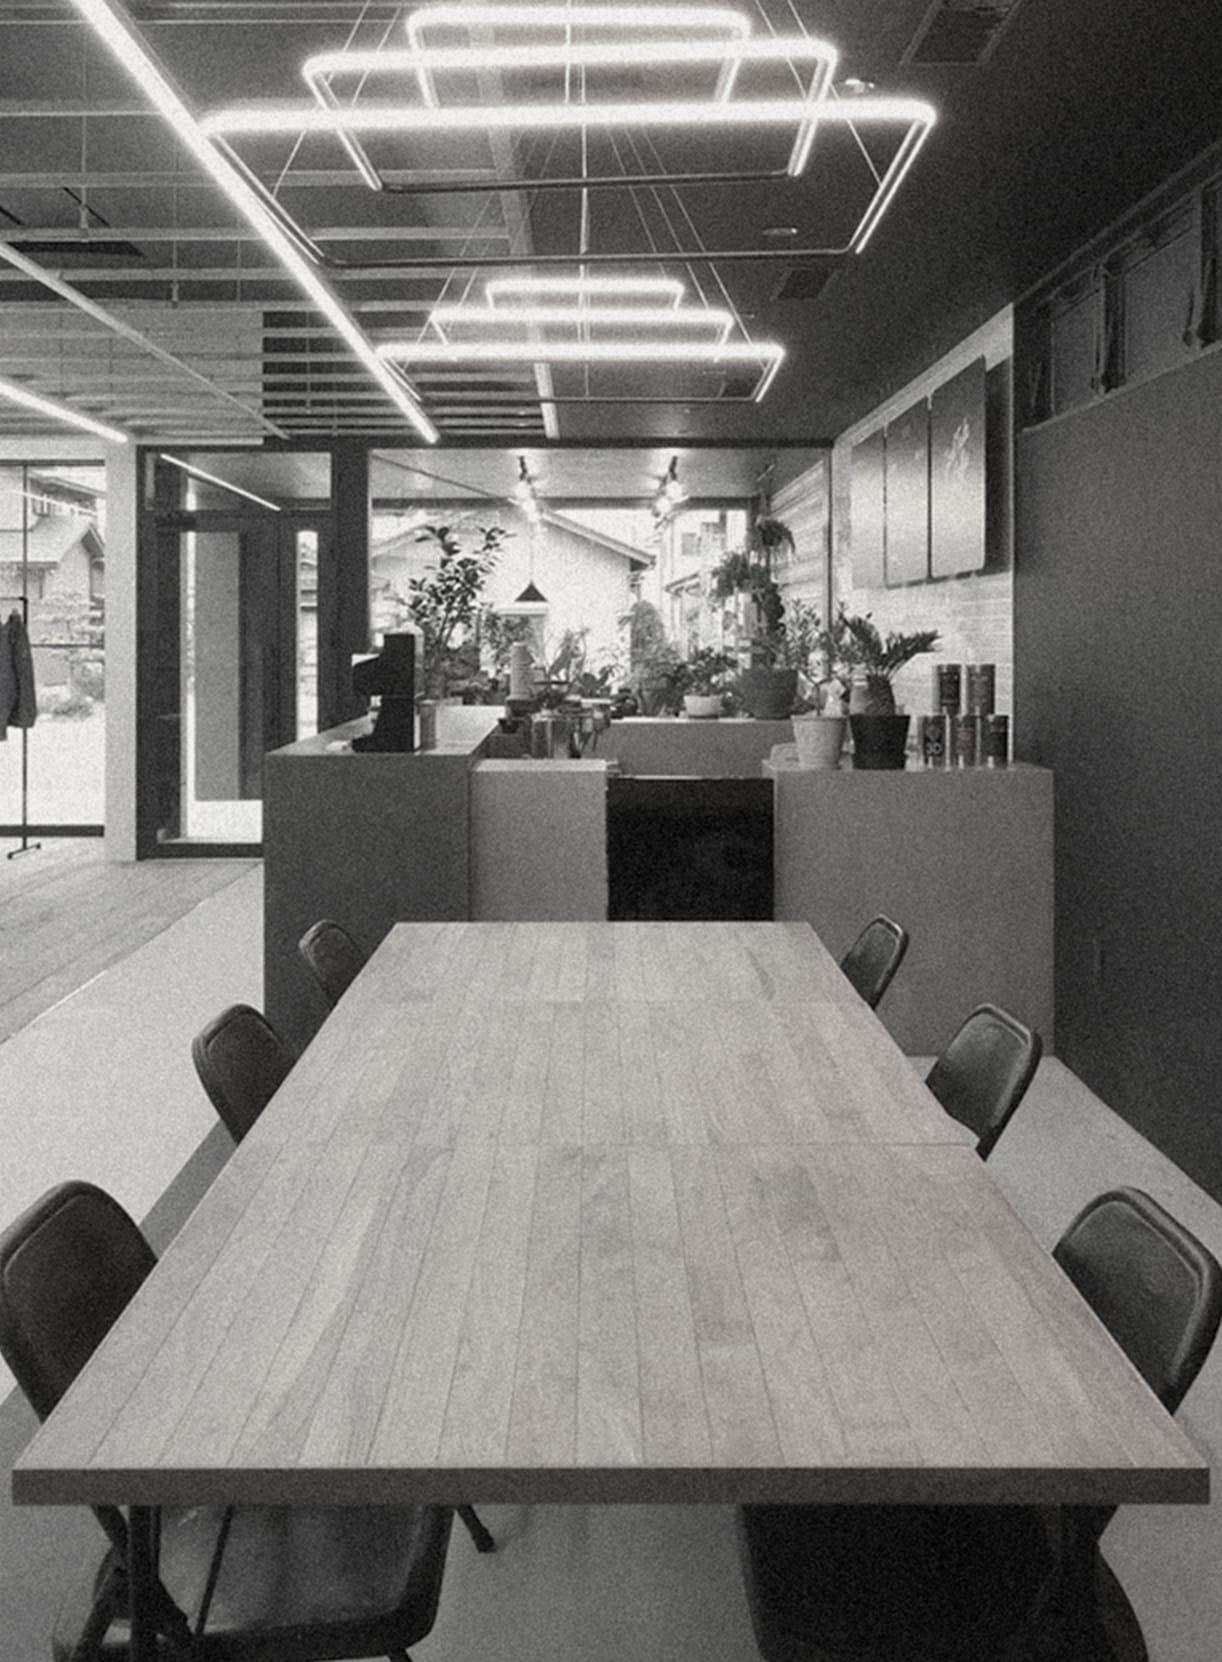 Transitのカフェスペースイメージ